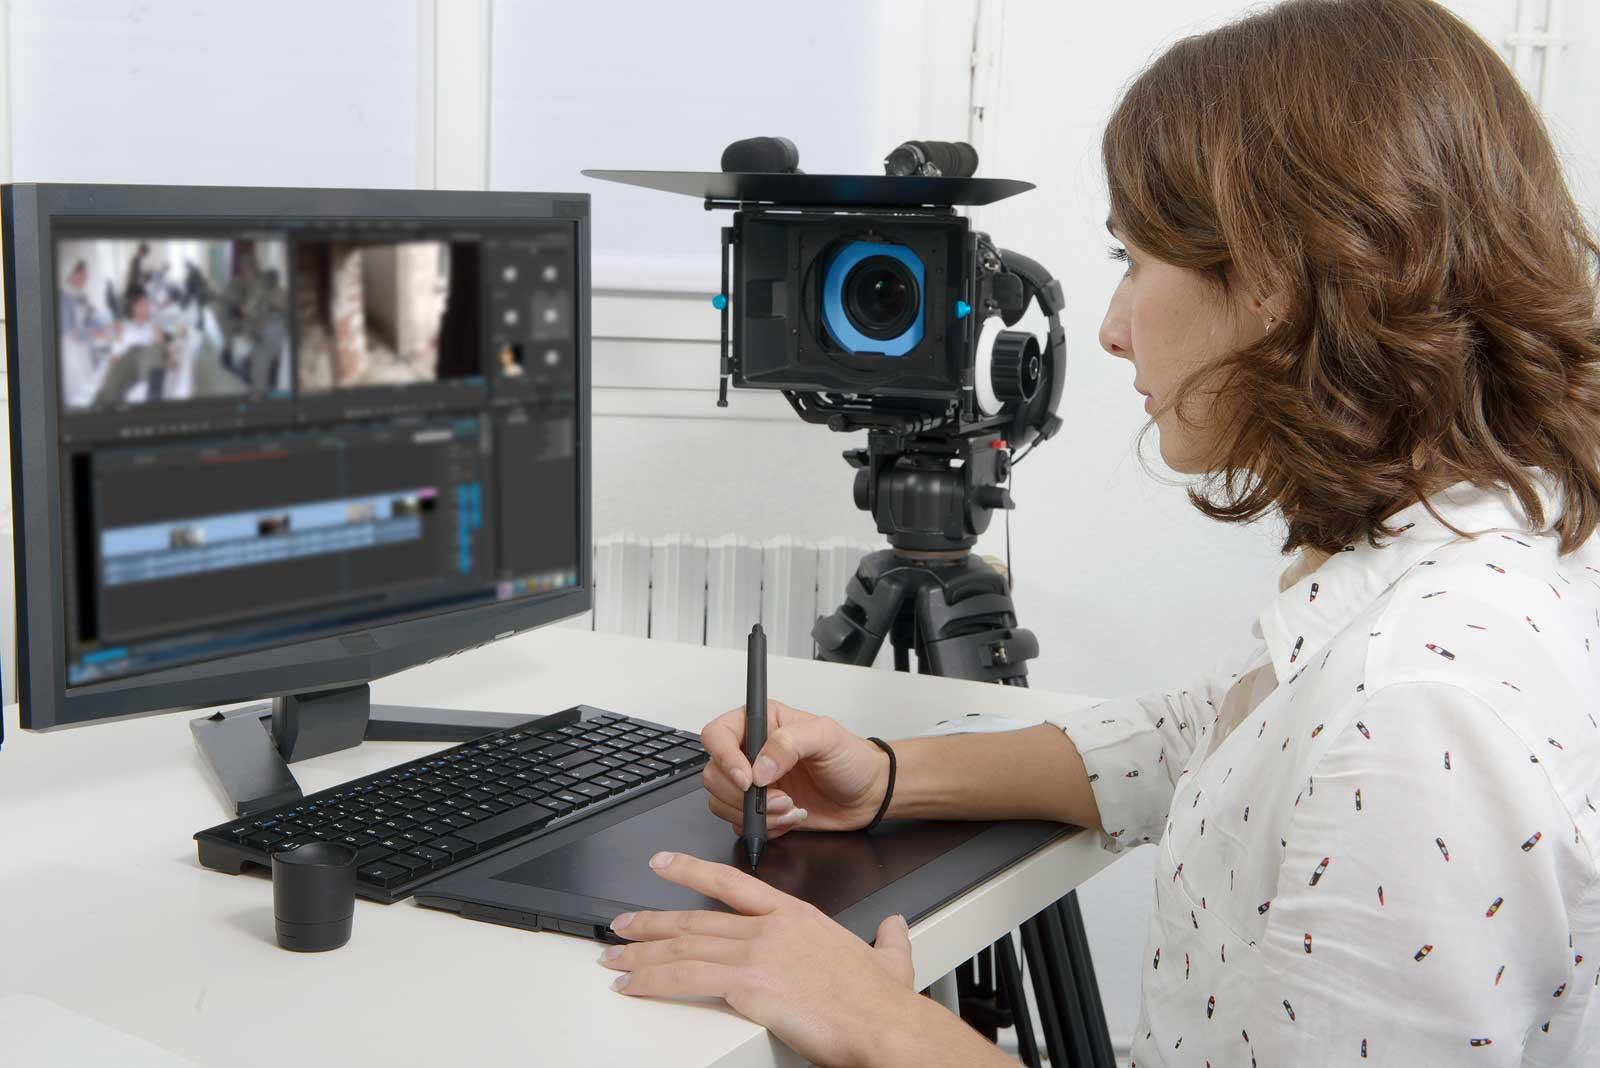 Une femme utilise un appareil vidéo et des appareils électroniques avant de les entreposer.